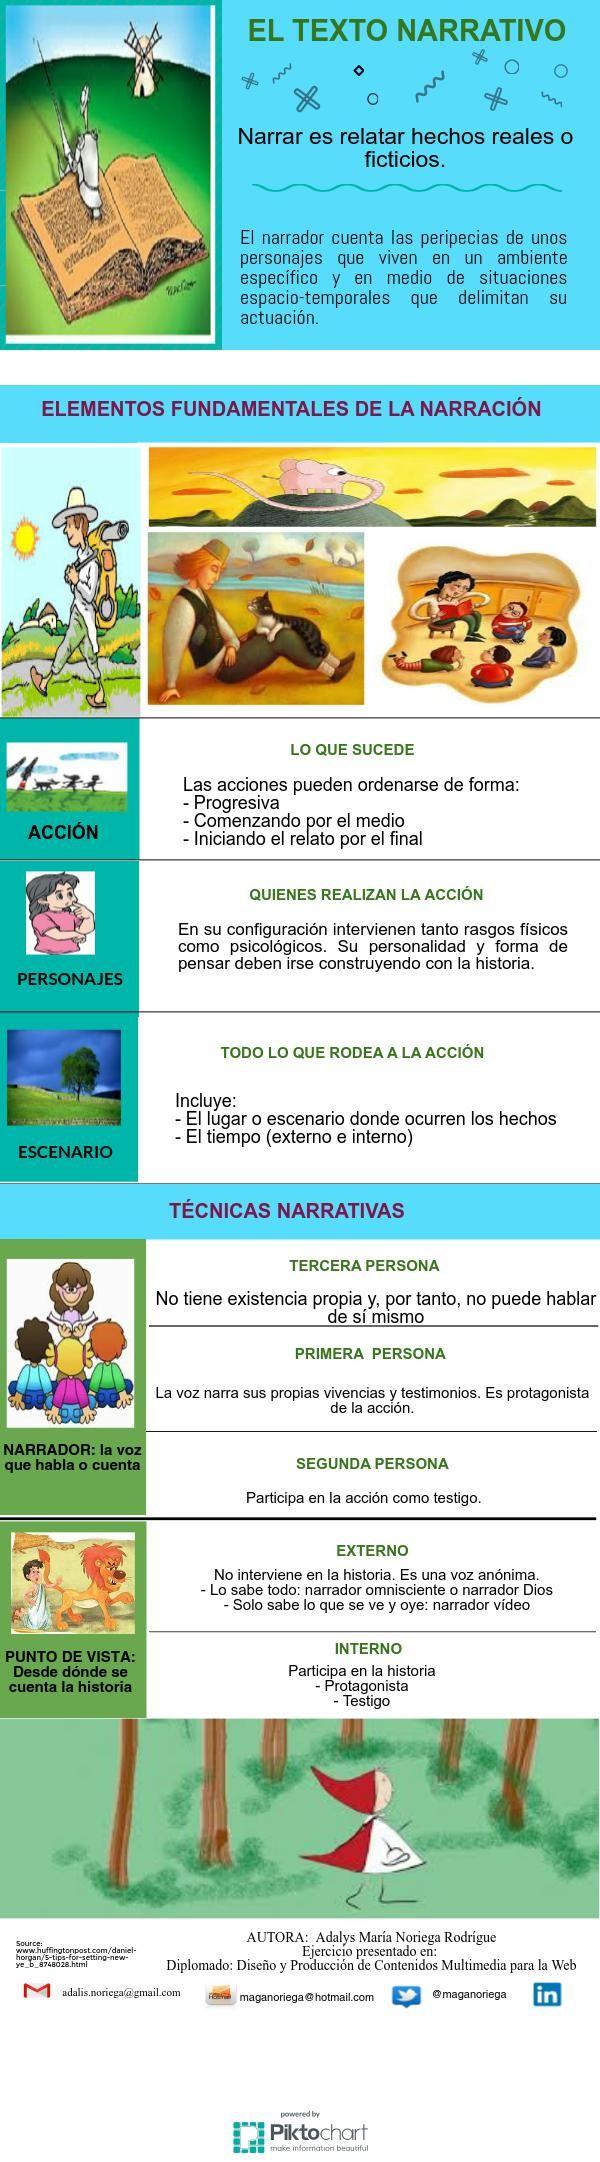 EL TEXTO NARRATIVO (Conflict Copy) (Conflict Copy) (Conflict | Piktochart Infographic Editor